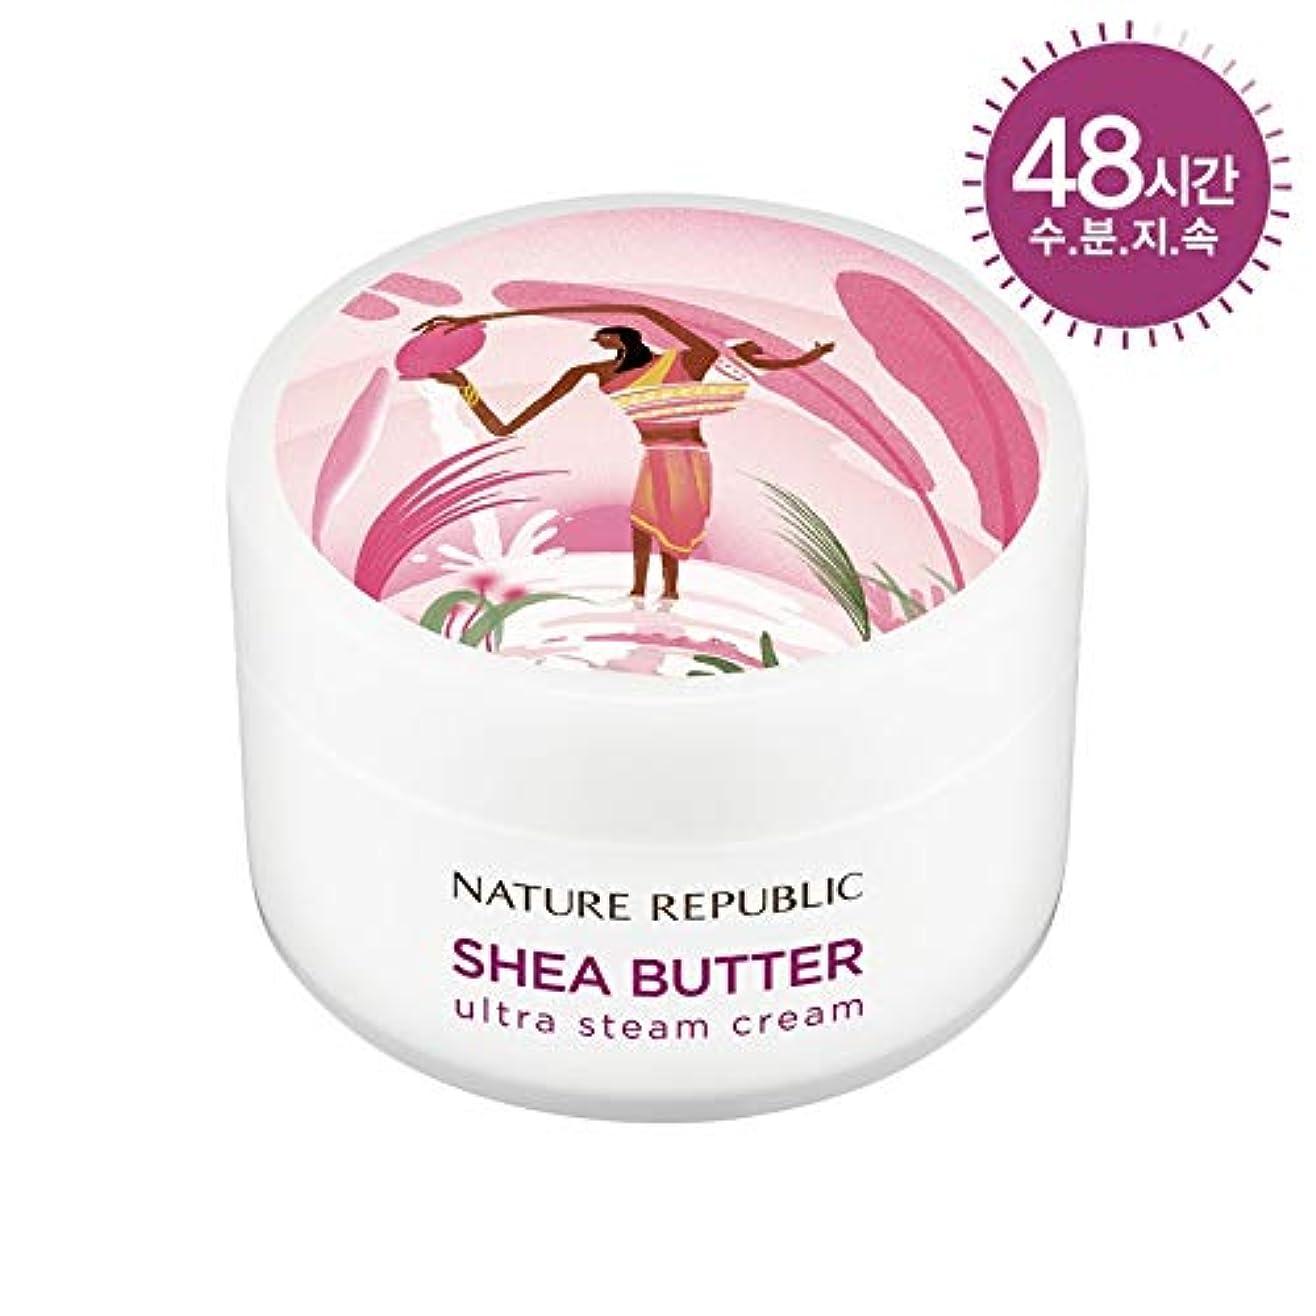 フィラデルフィア便宜水素ネイチャーリパブリック(Nature Republic)シェアバタースチームクリームウルトラ(極乾燥肌用)100ml / Shea Butter Steam Cream 100ml (Ultra) :: 韓国コスメ [並行輸入品]